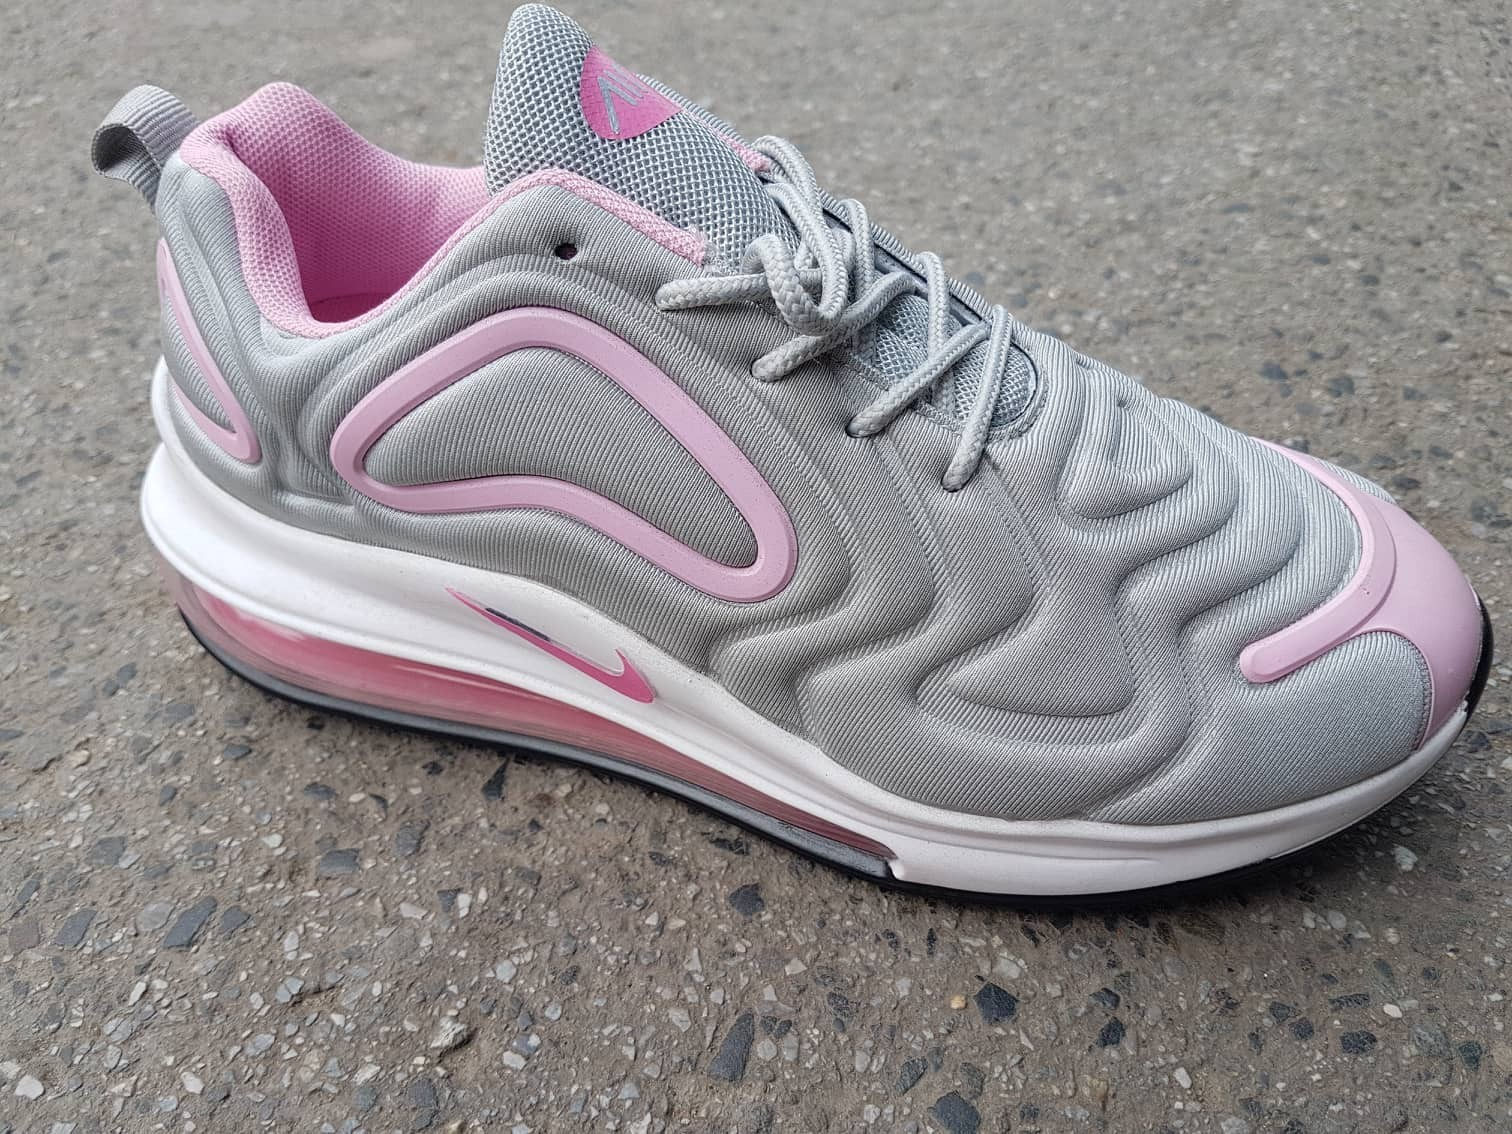 Nike Air Max 2019 ženske Patike Novo 36 41 Kupindocom